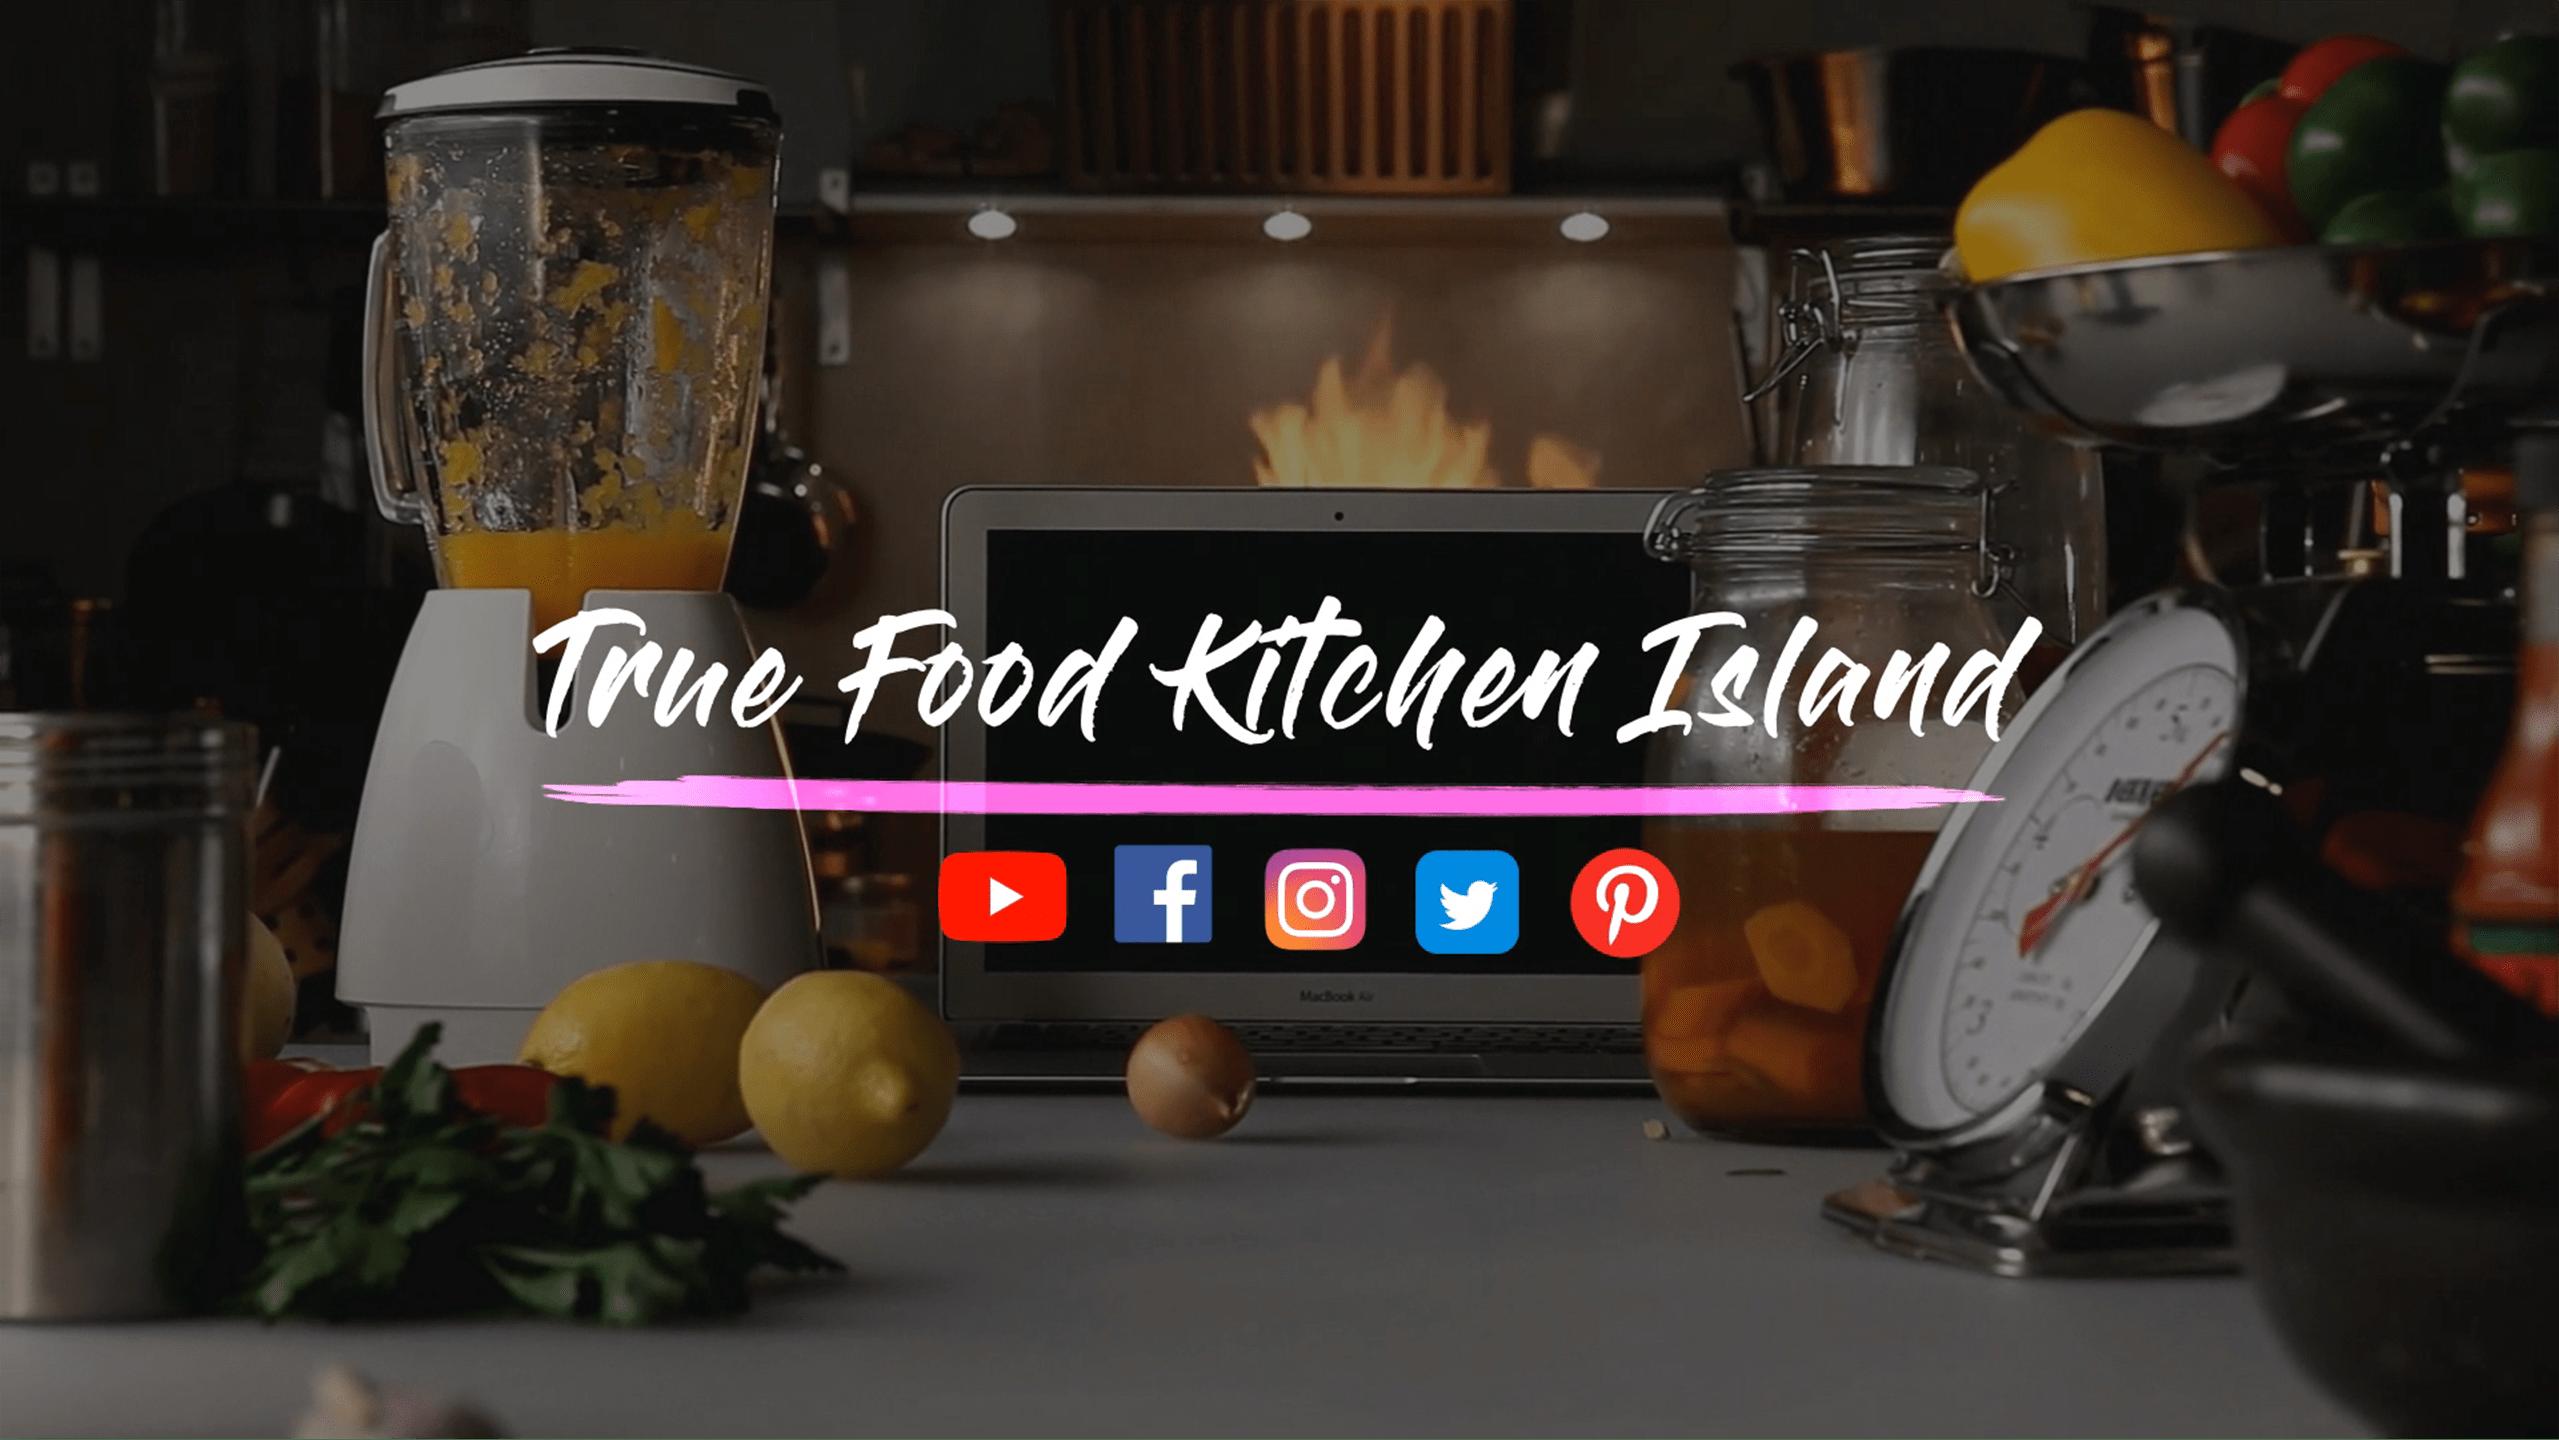 True Food Kitchen Island_YouTube Channel Art